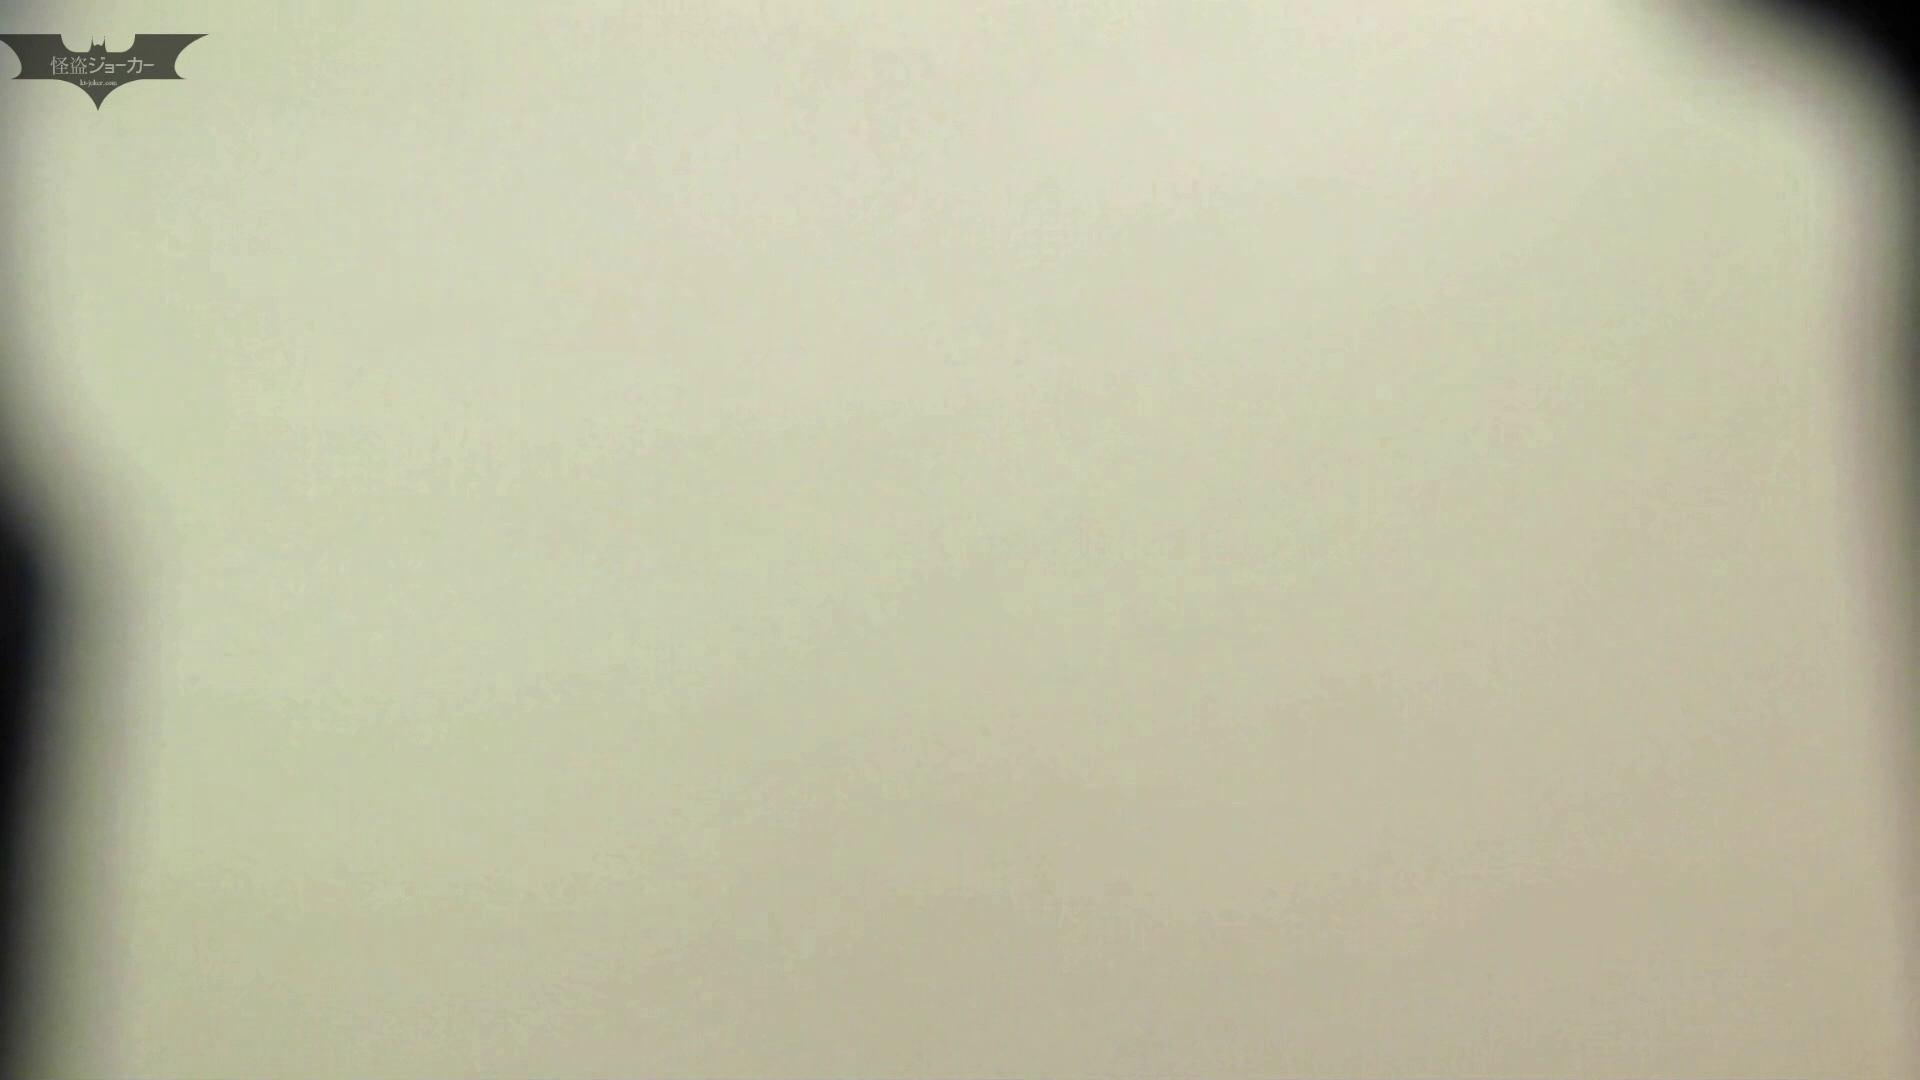 洗面所特攻隊 vol.53 隙間はとても重要なポイントです! 洗面所シーン スケベ動画紹介 62画像 46